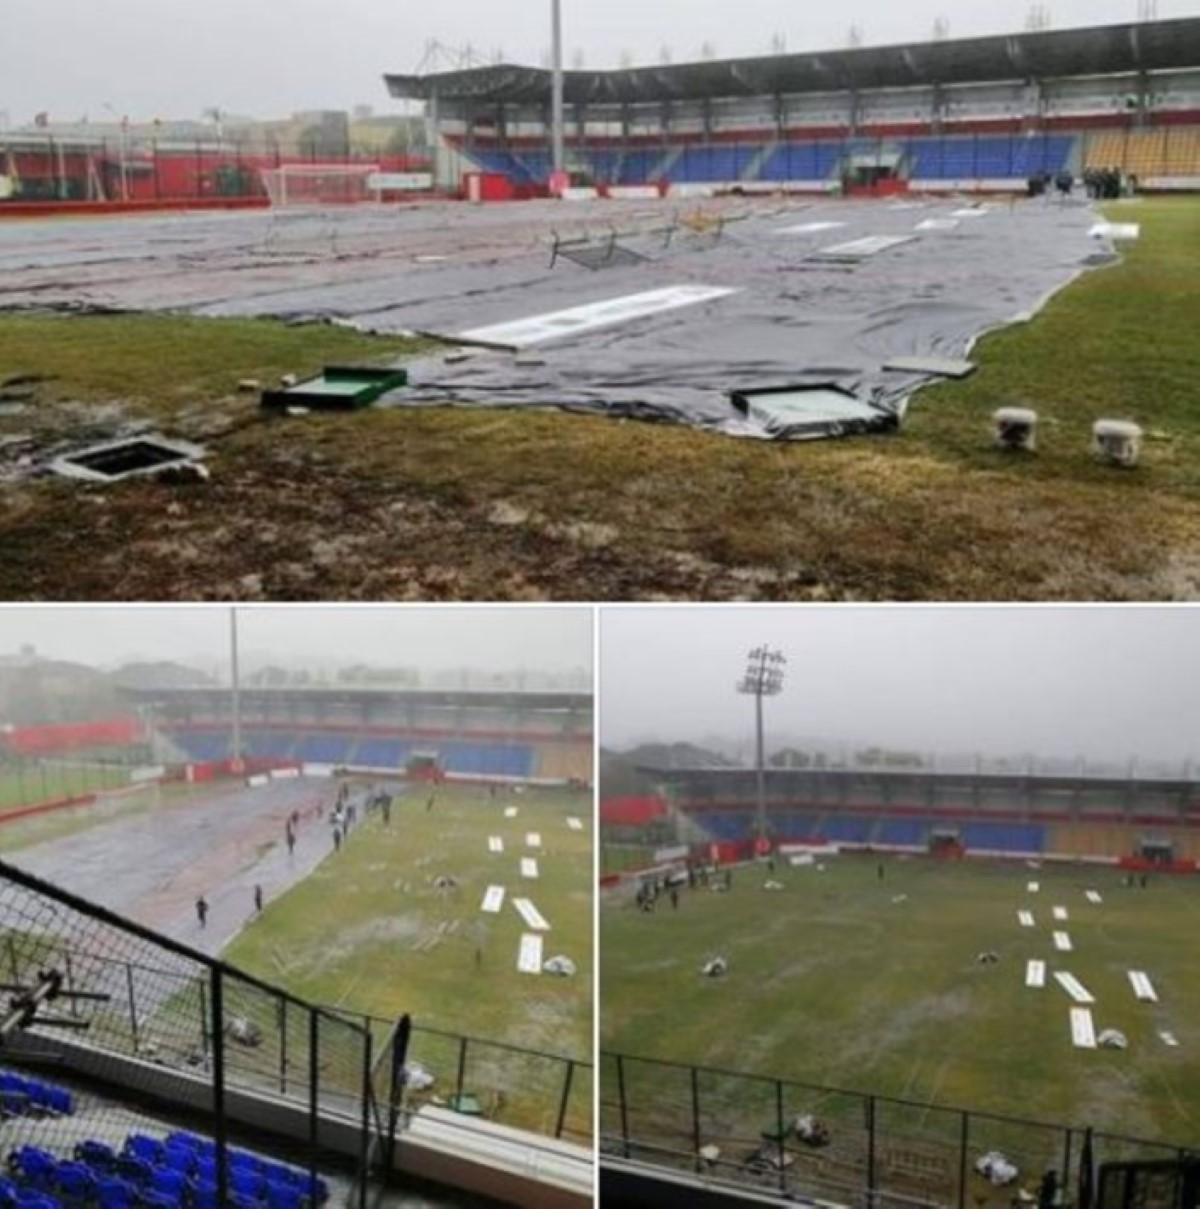 Stade Georges V : Une rénovation à  Rs 94 949 475 qui demande des explications